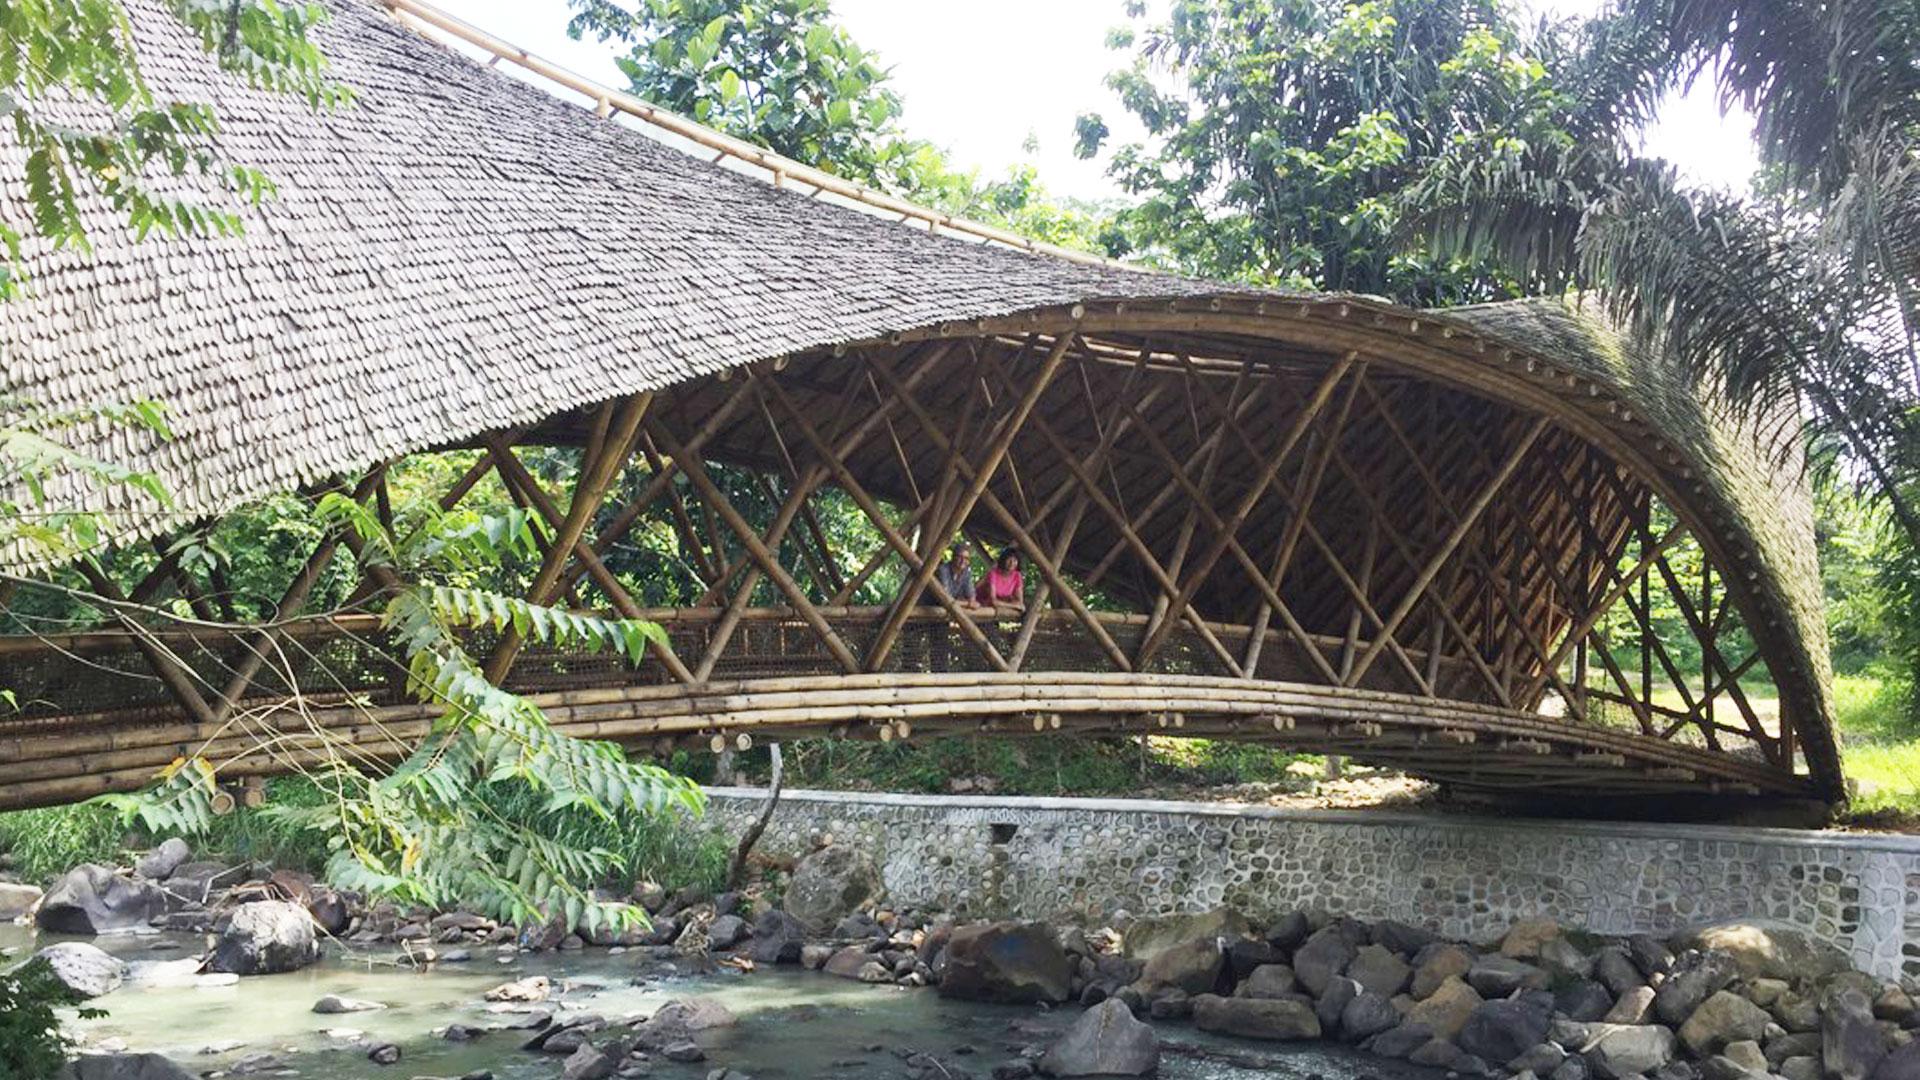 https://rfacdn.nz/zoo/assets/media/volunteers-in-sumatra-gallery-5.jpg